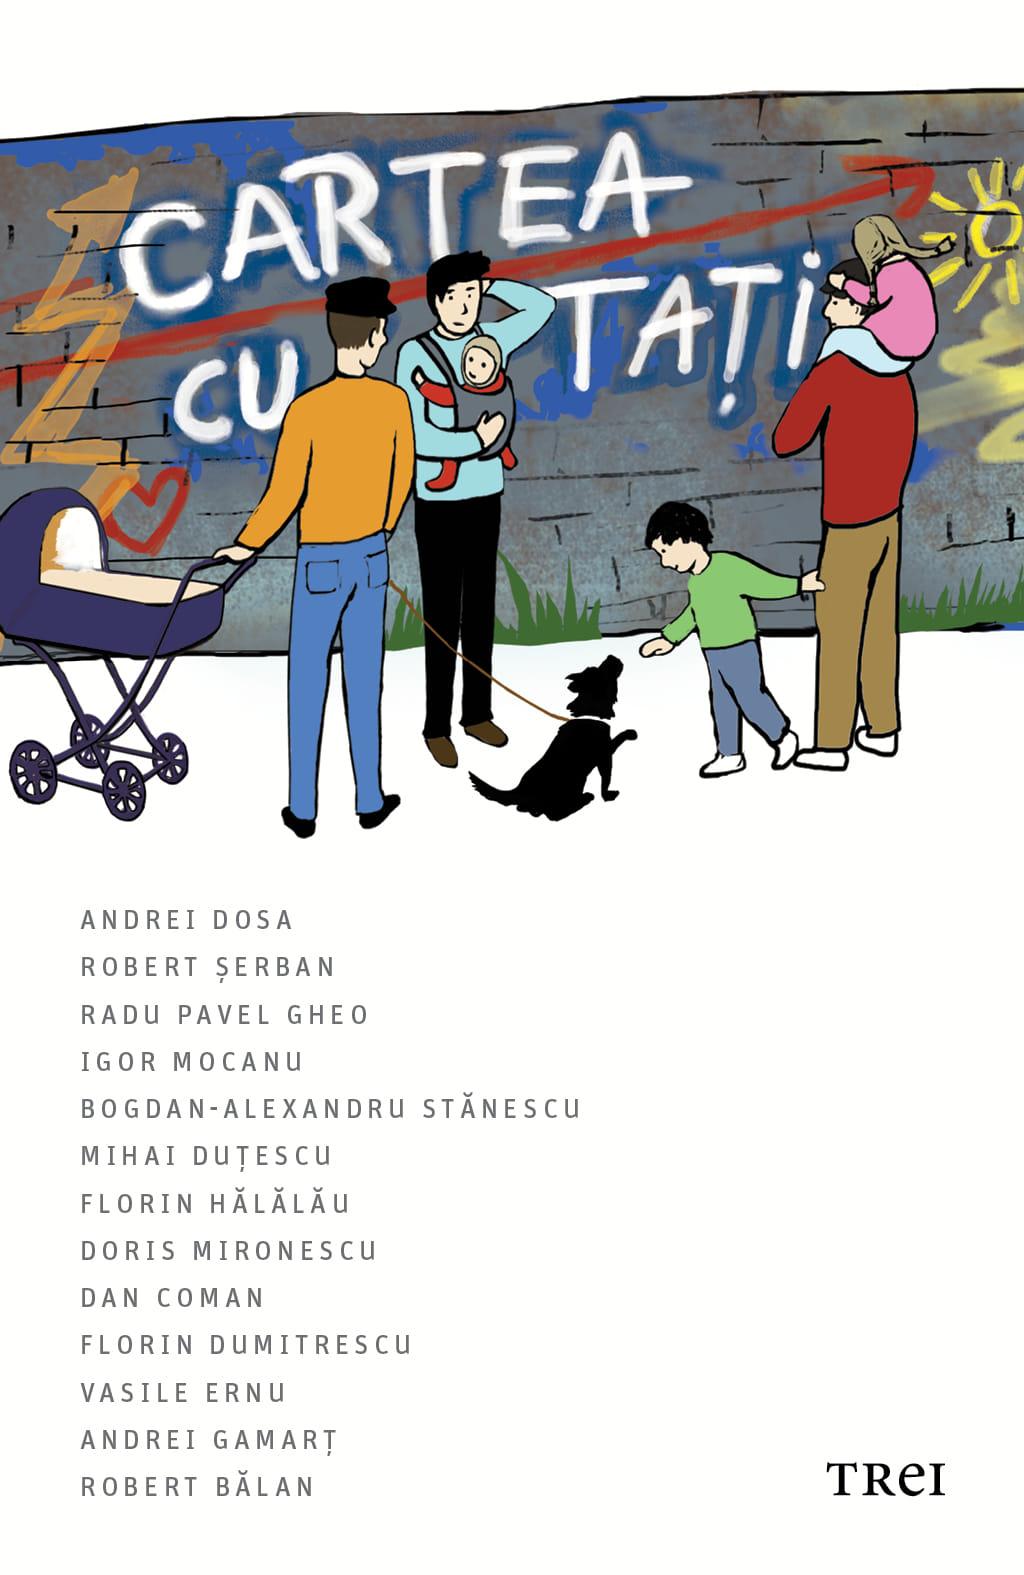 Cartea cu tați, Trei, București, 2021